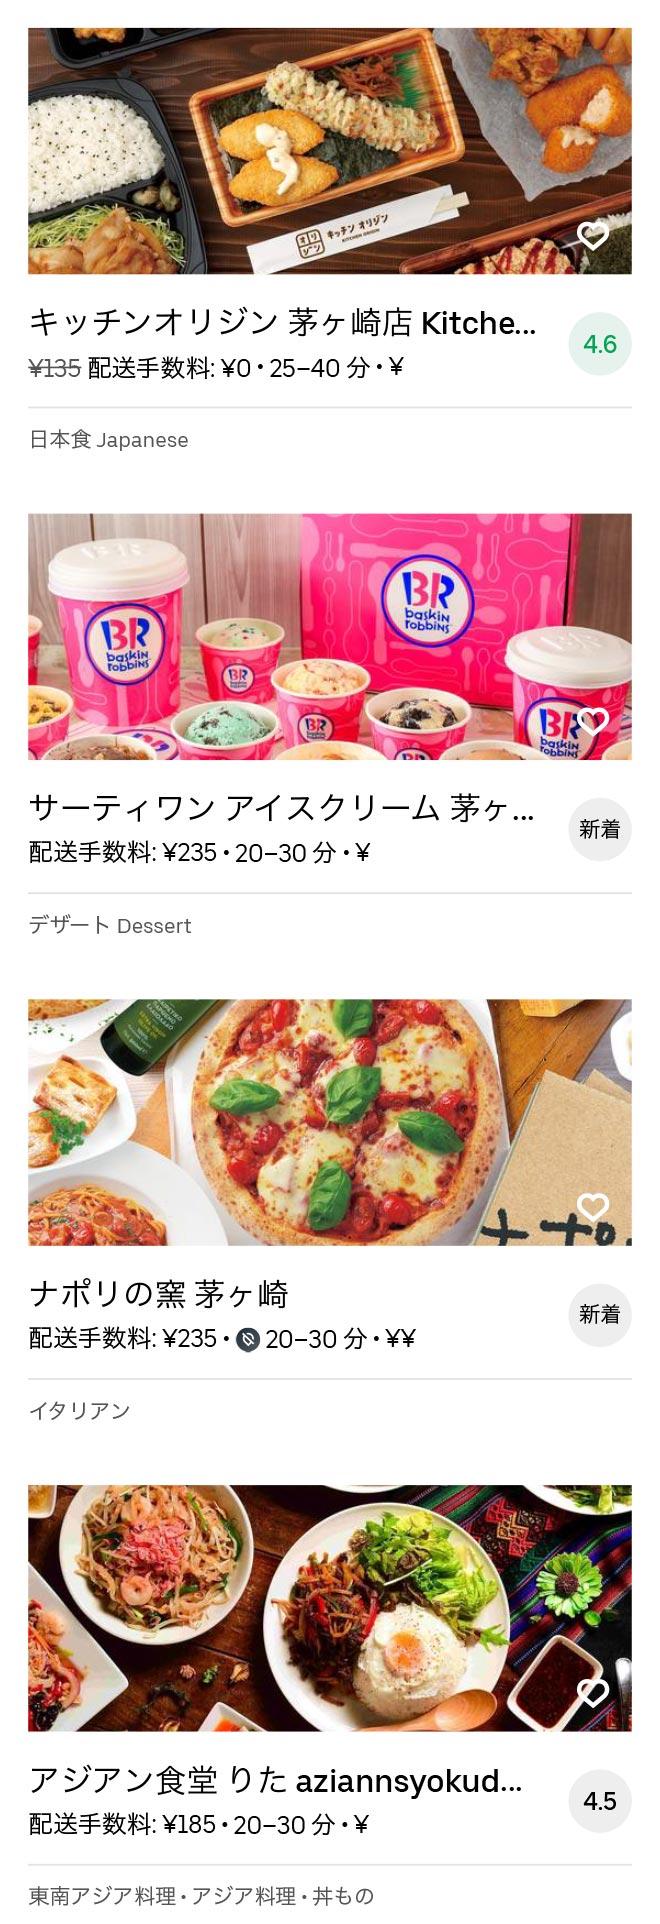 Chigasaki menu 2008 03